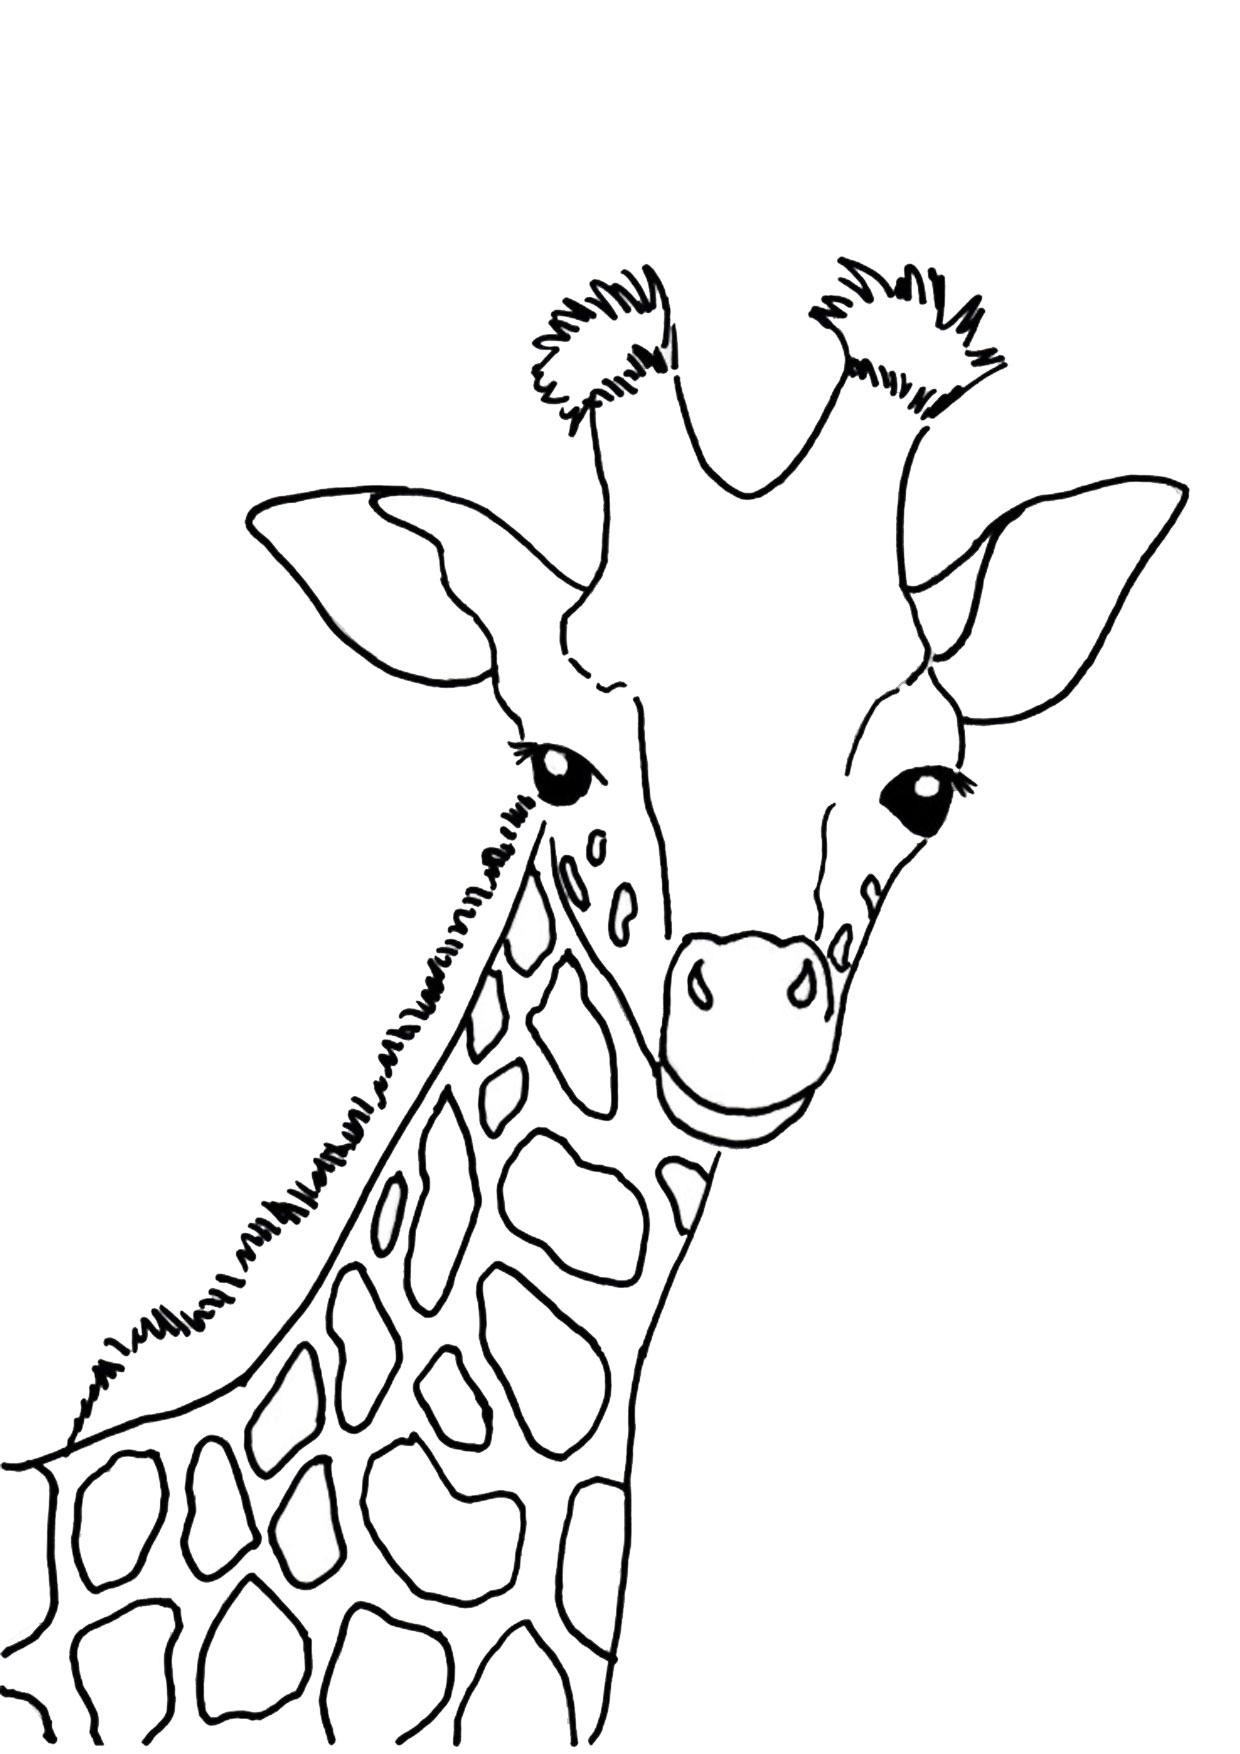 Disegno di giraffa 02